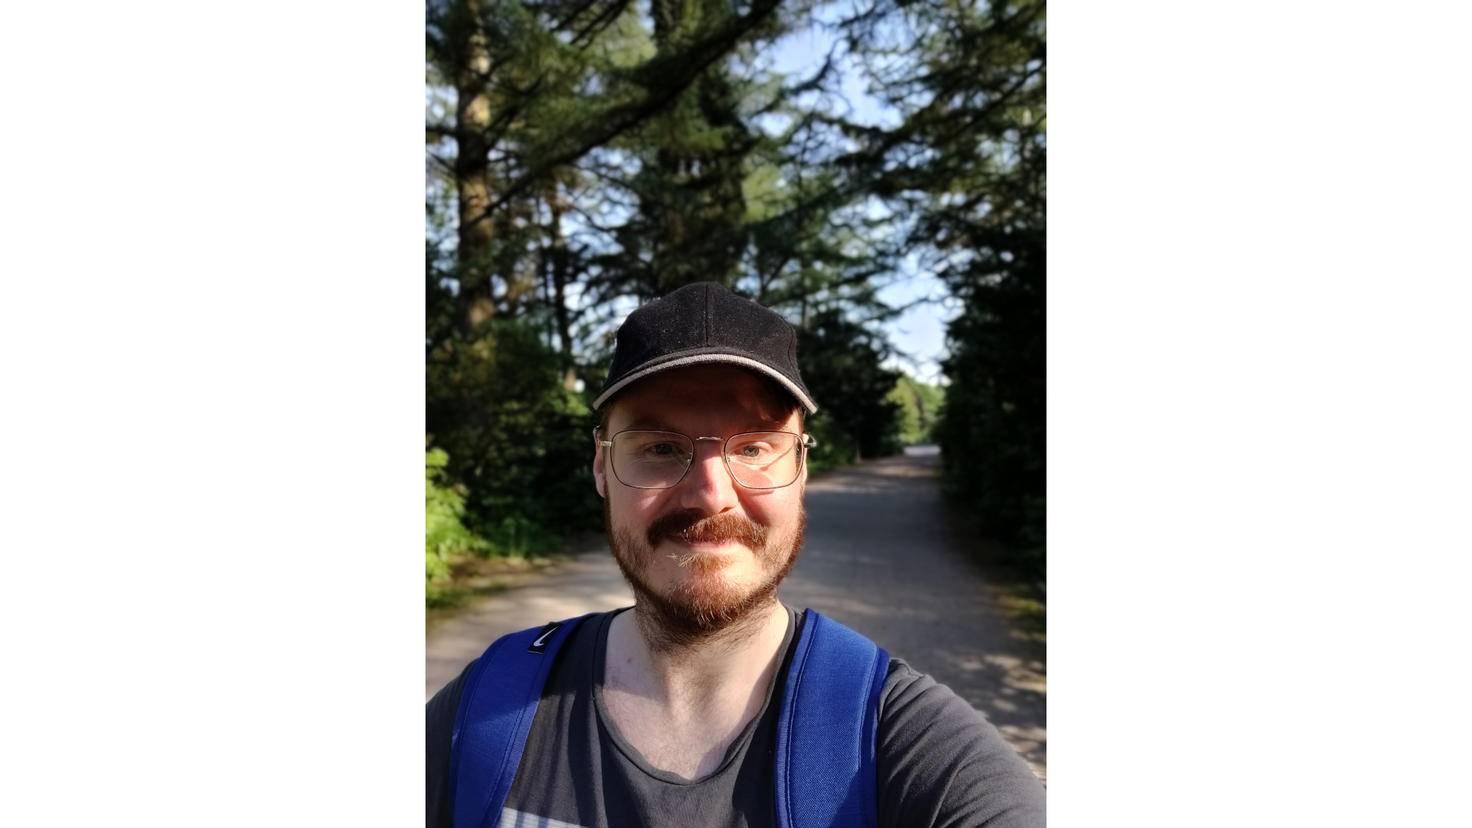 Hier ein Selfie mit Bokeh-Effekt.